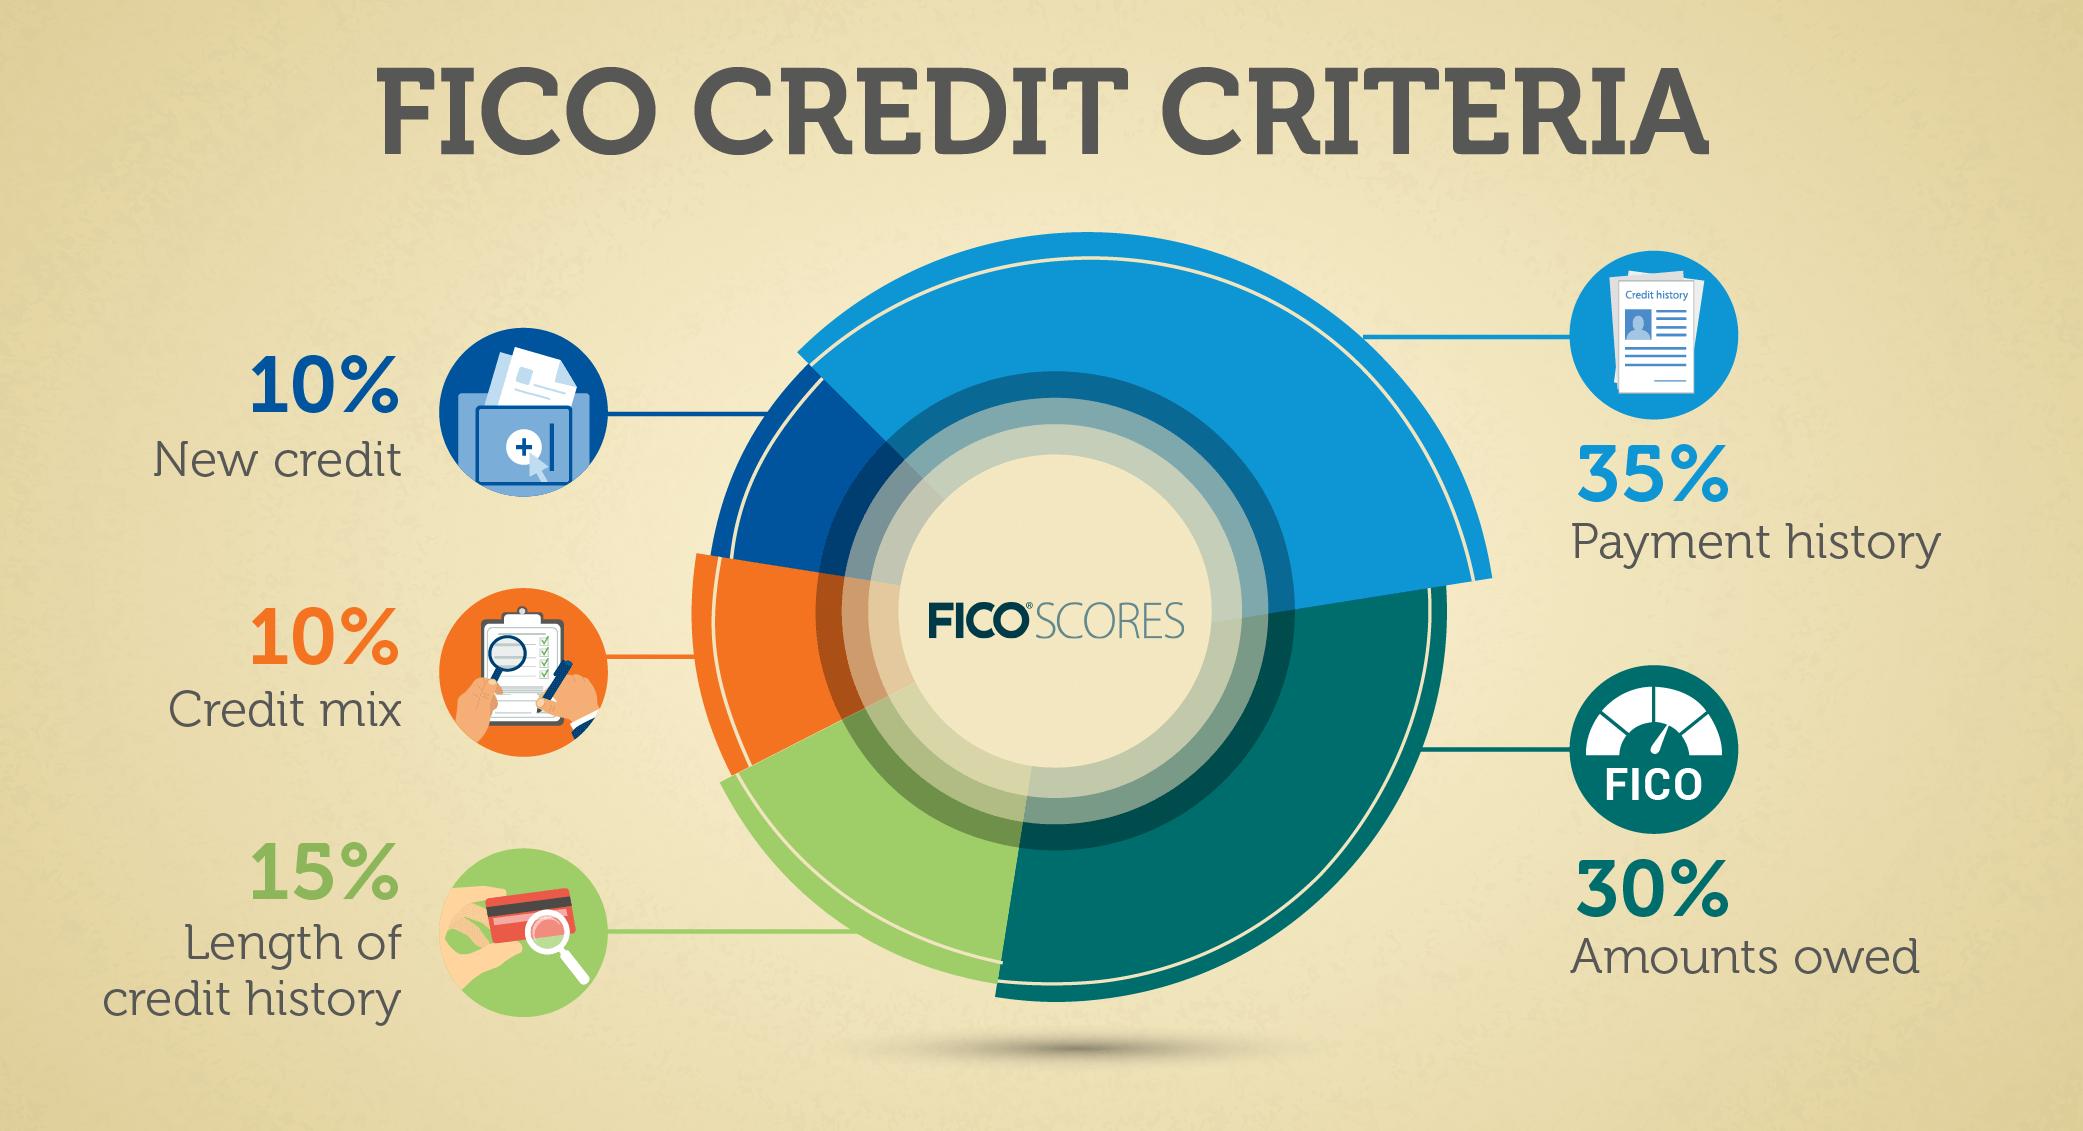 FICO Credit Critera